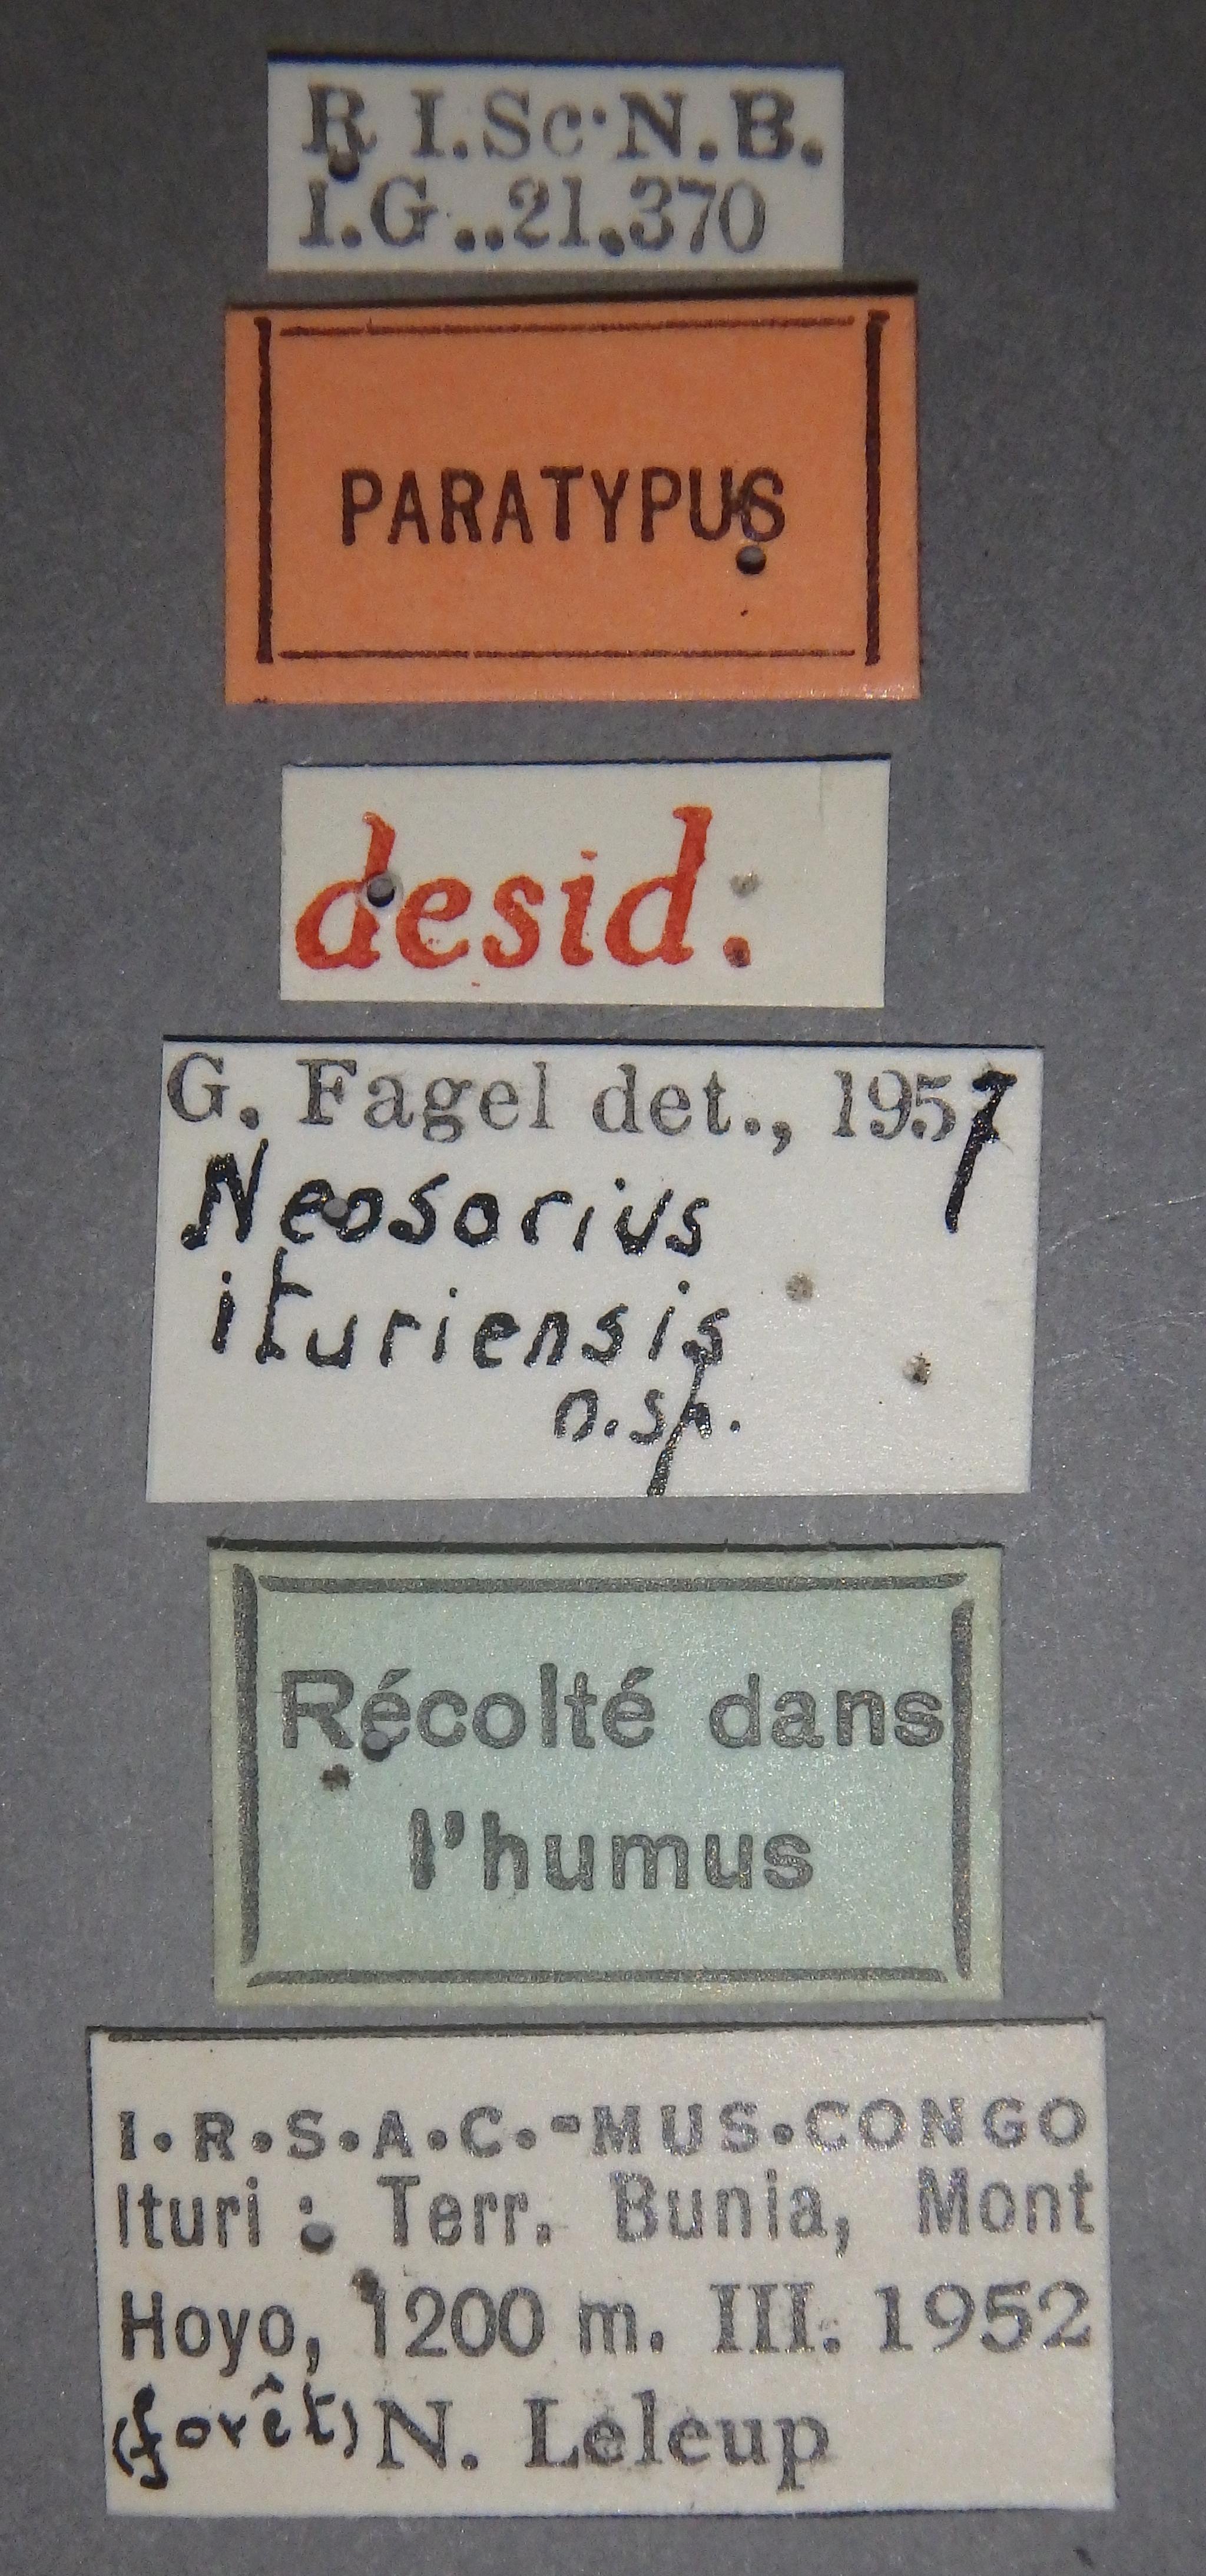 Neosorius ituriensis pt Lb.JPG